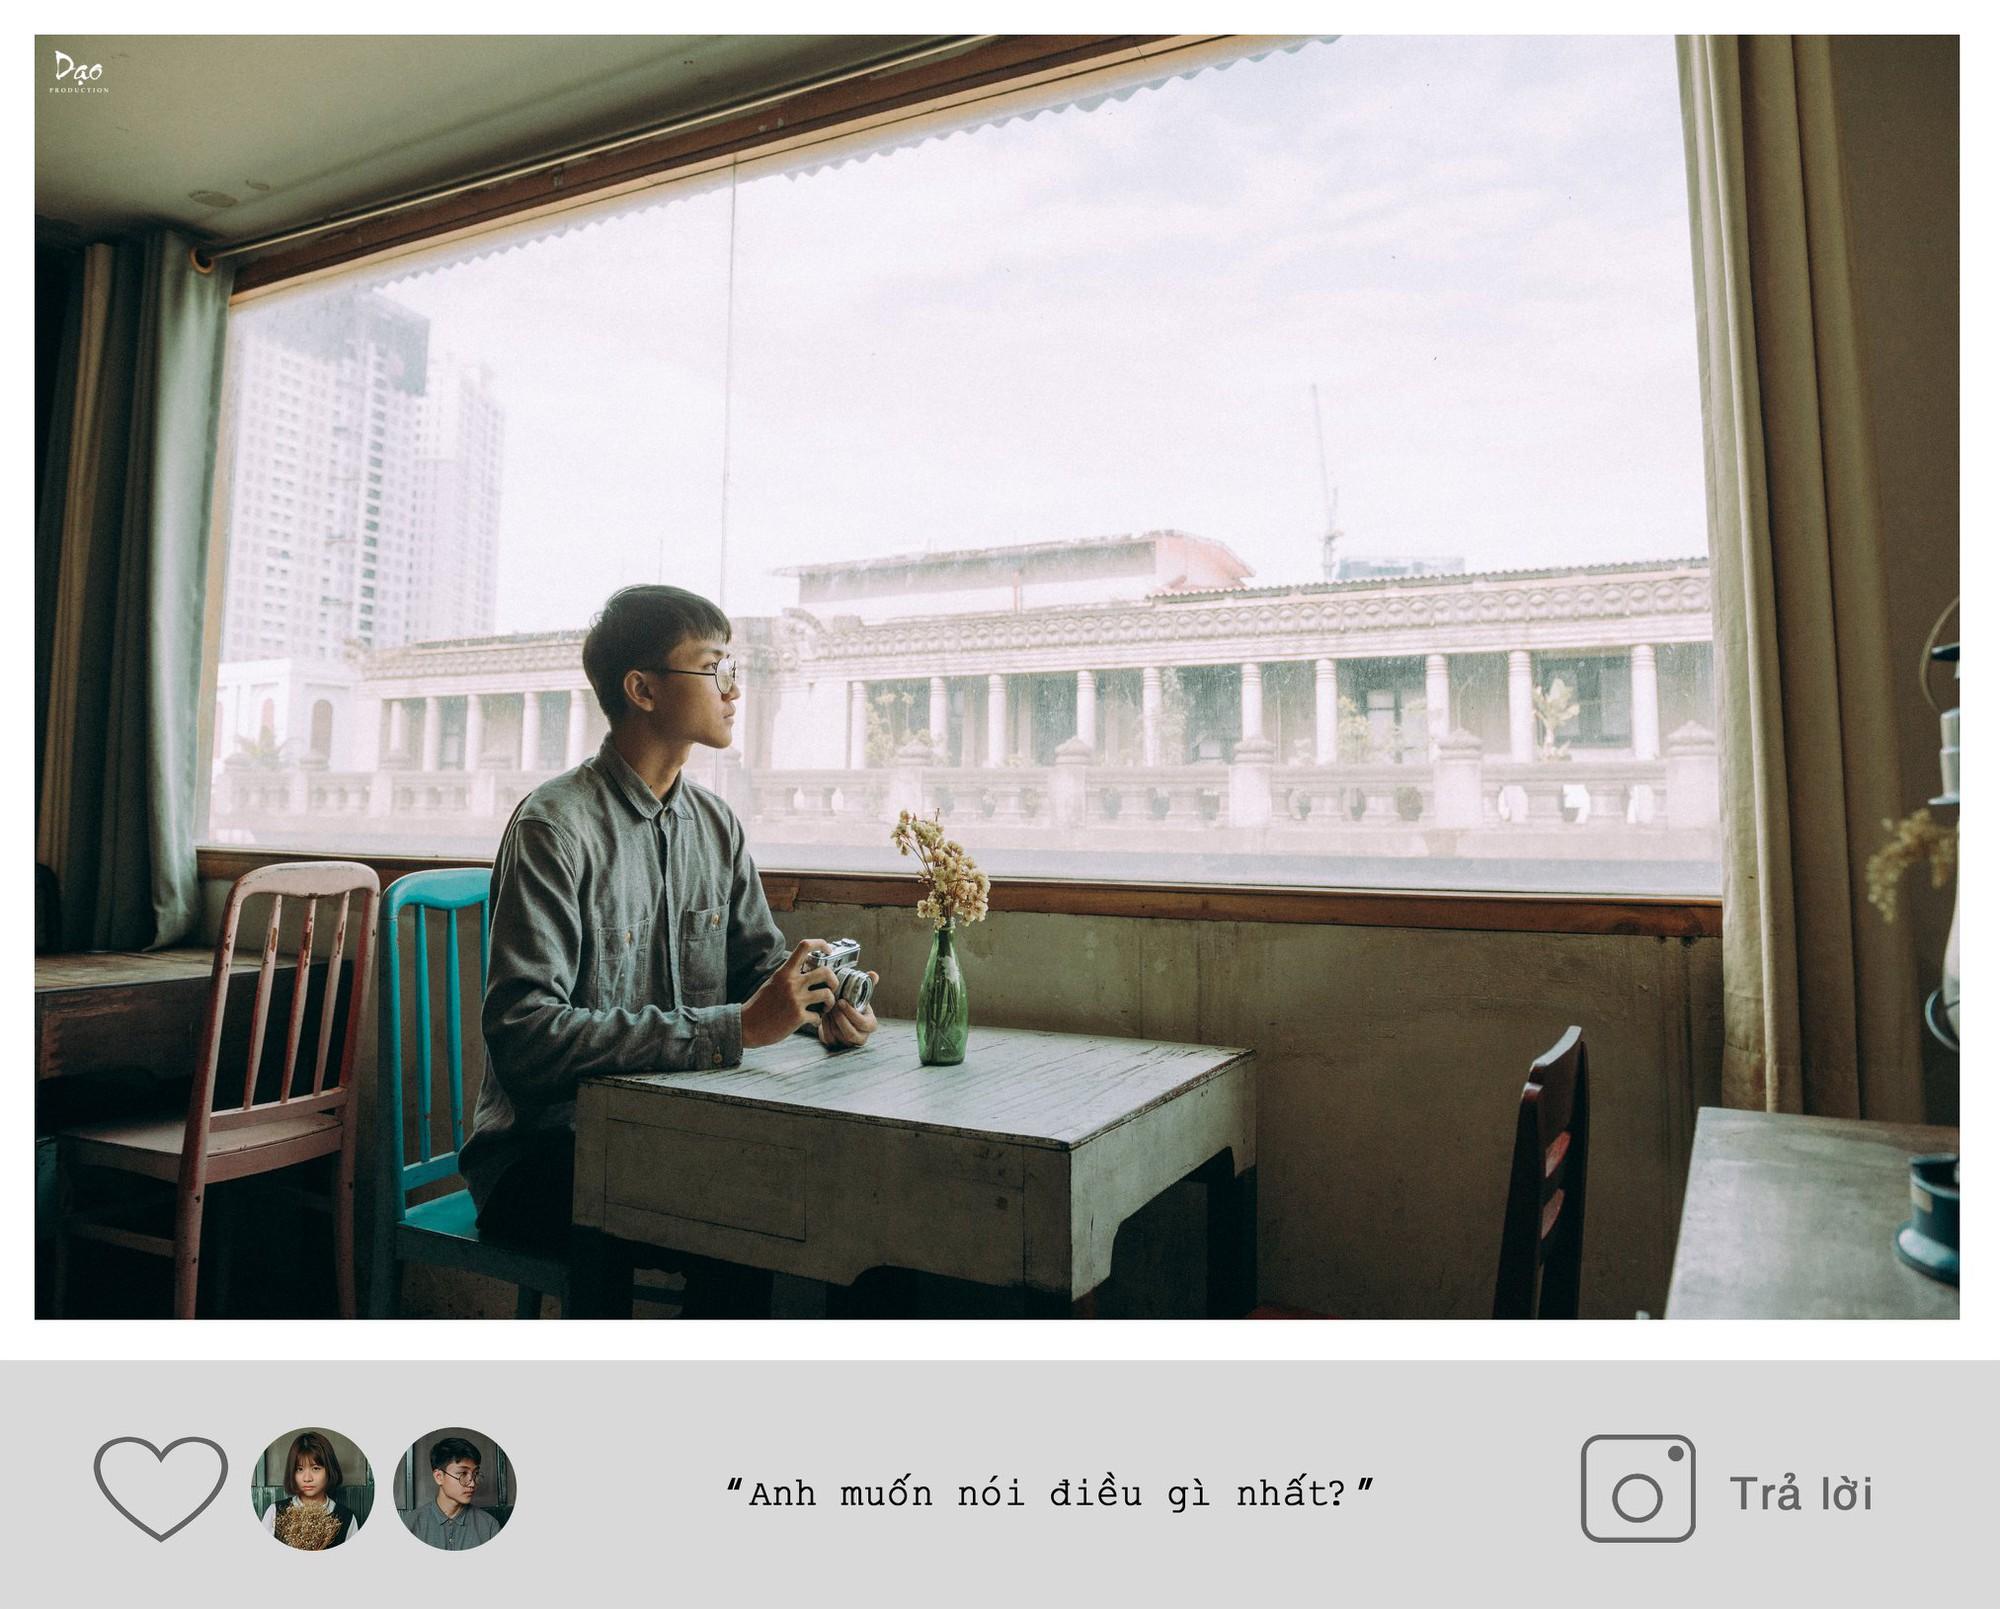 Bộ ảnh mới toanh của cặp đôi trường Trưng Vương từng được mến mộ nhờ mối tình chị em cực dễ thương - Ảnh 6.